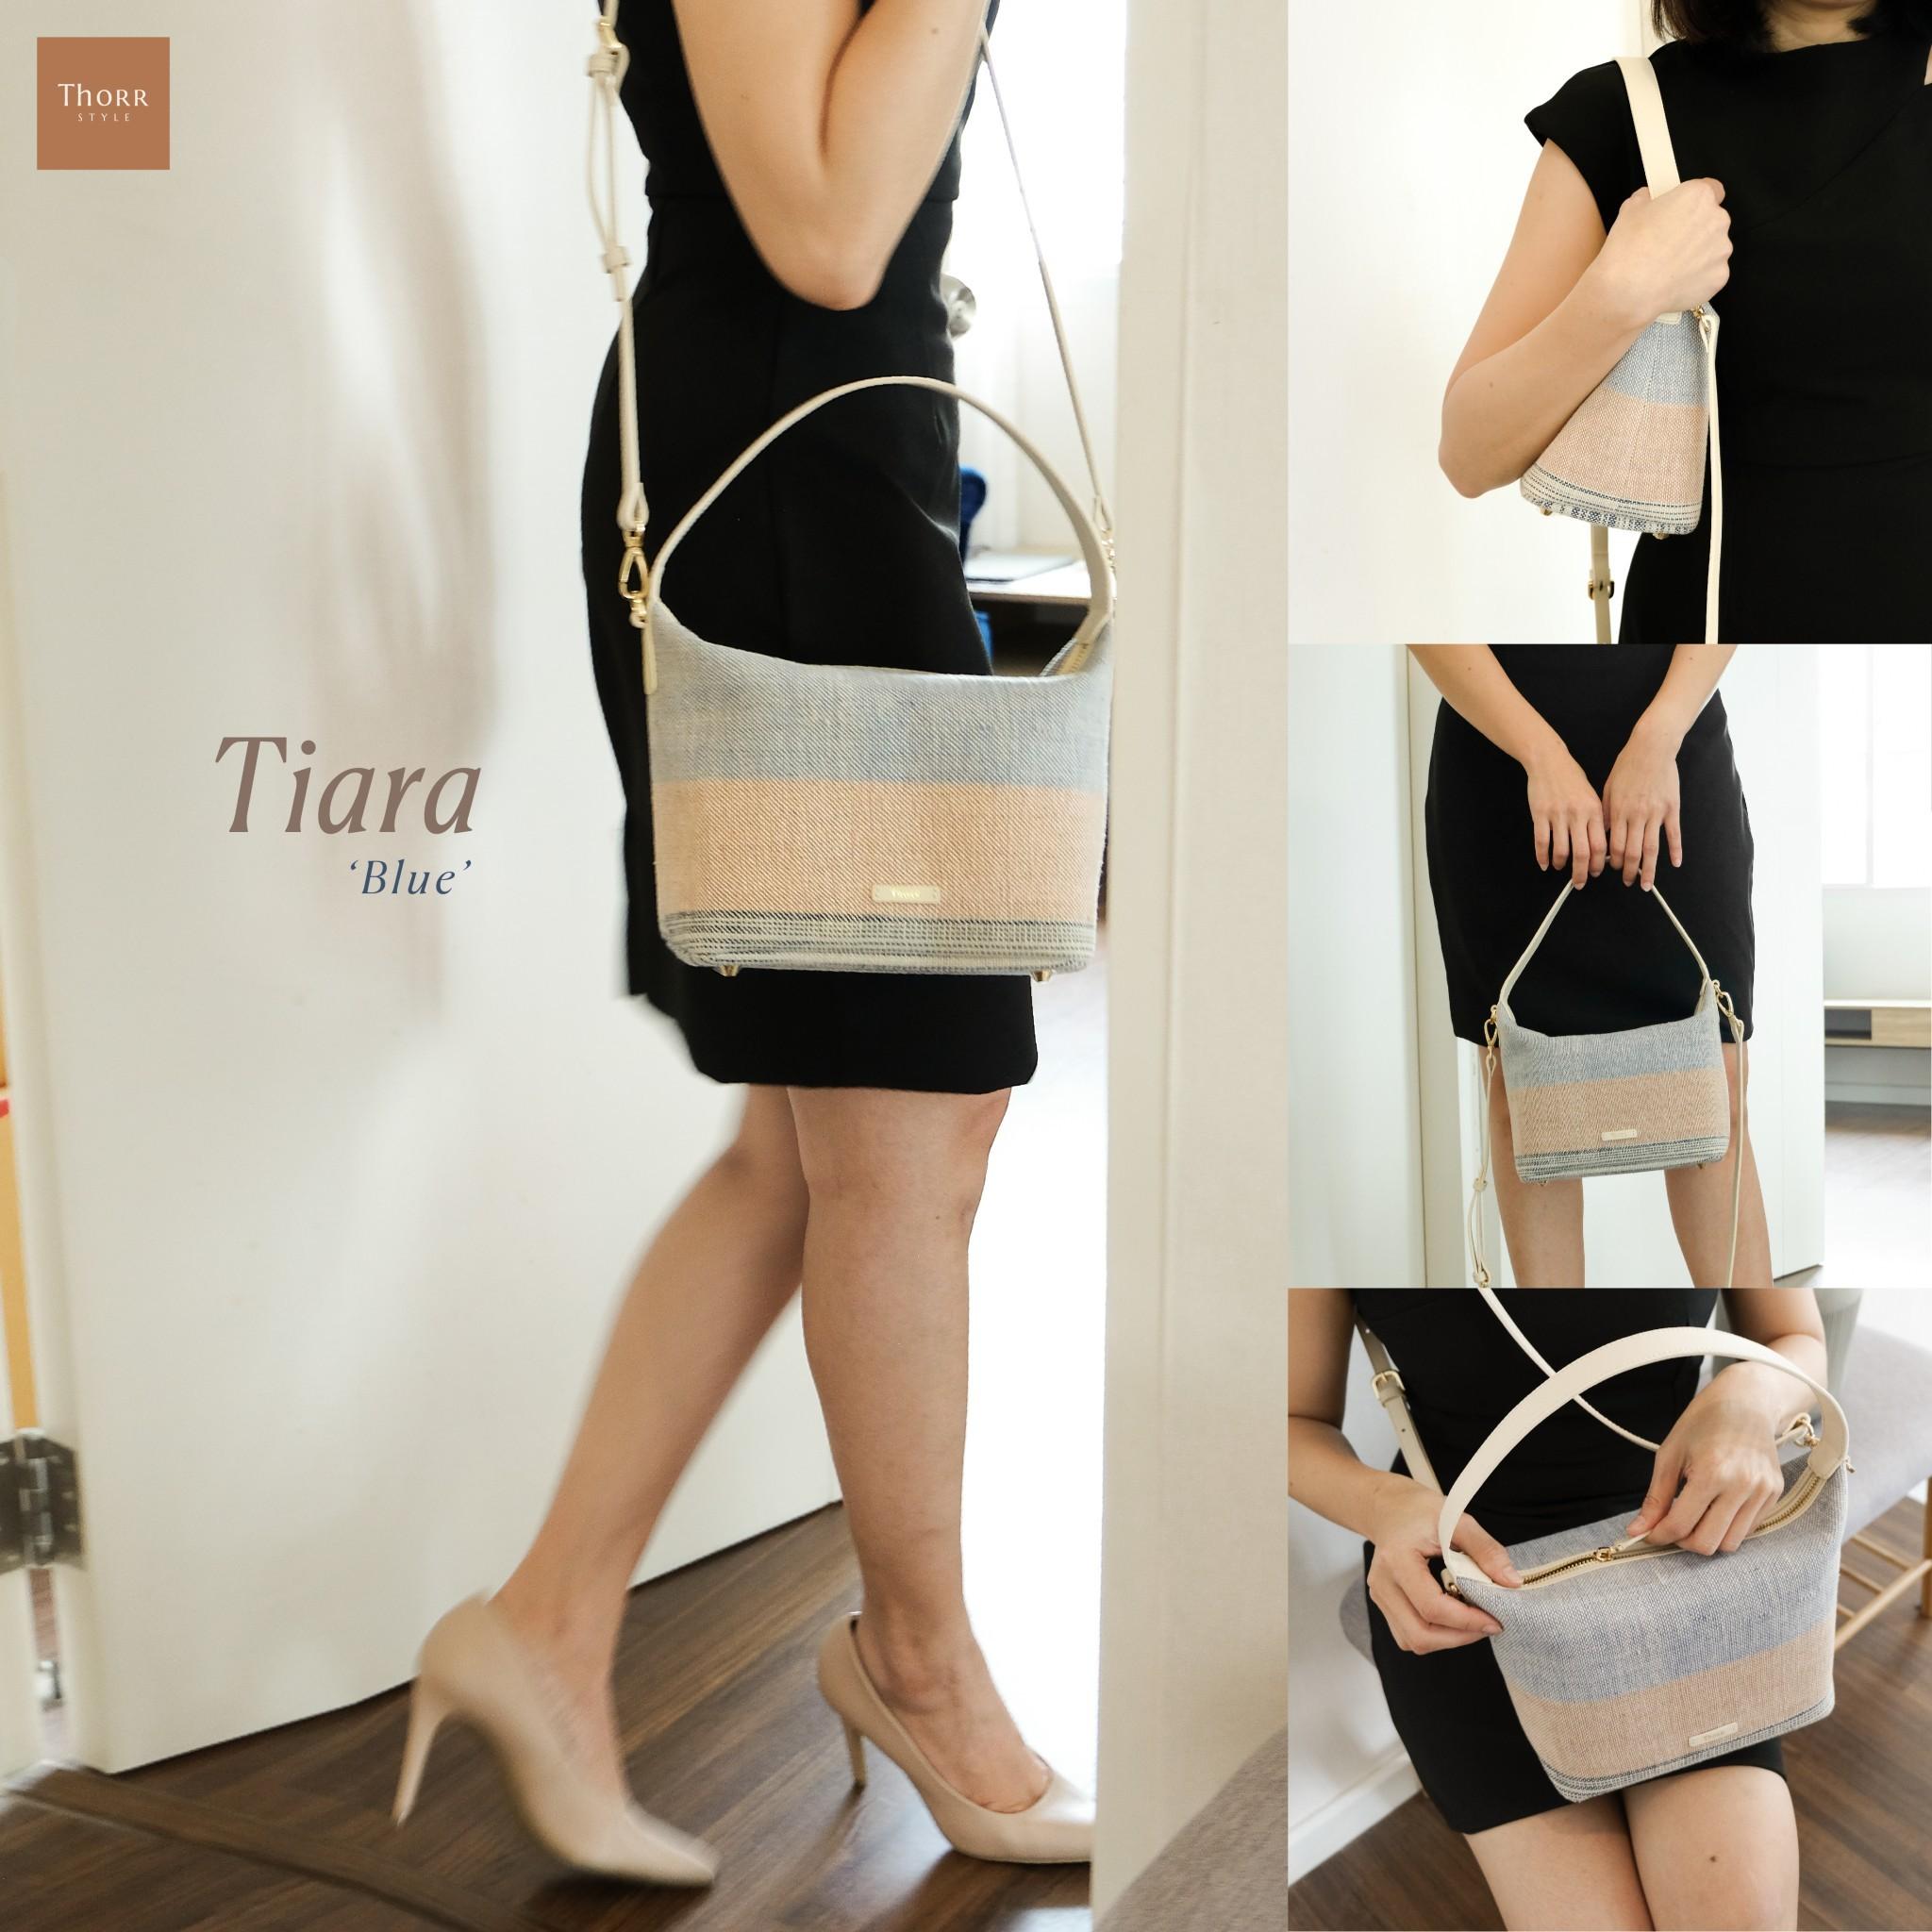 Tiara  in Blue bag BG-132